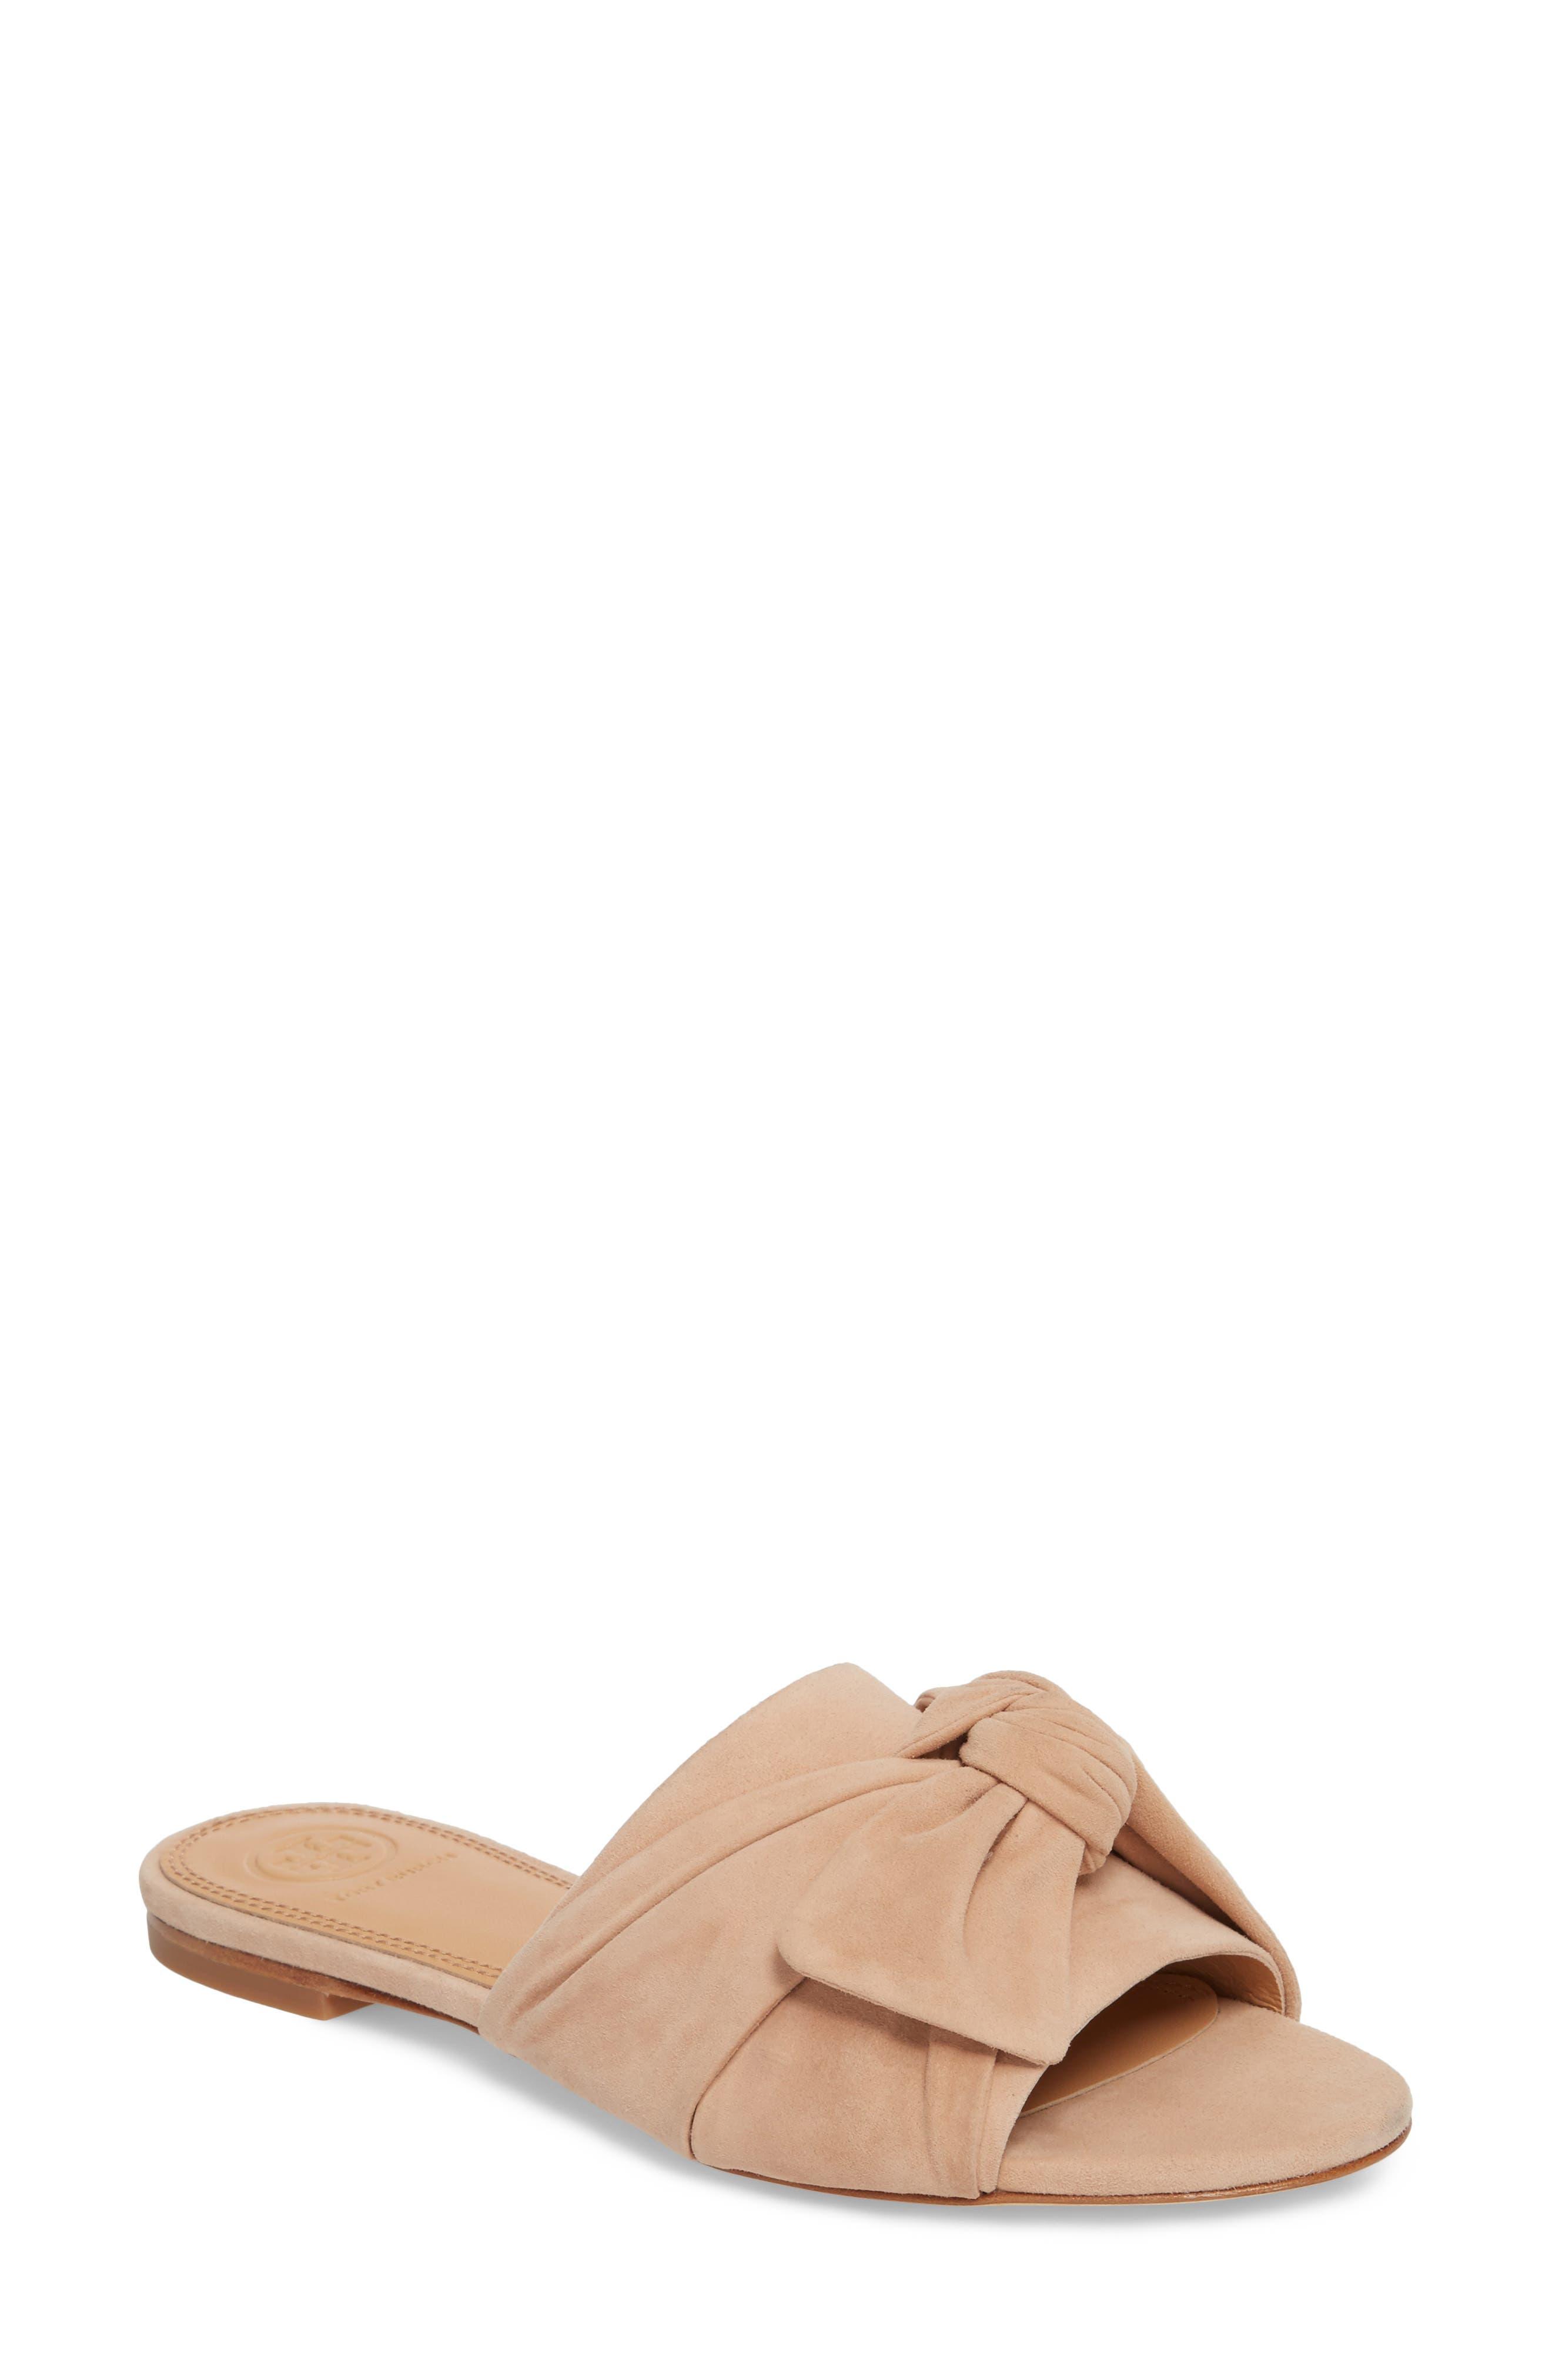 Tory Burch Annabelle Bow Slide Sandal (Women)